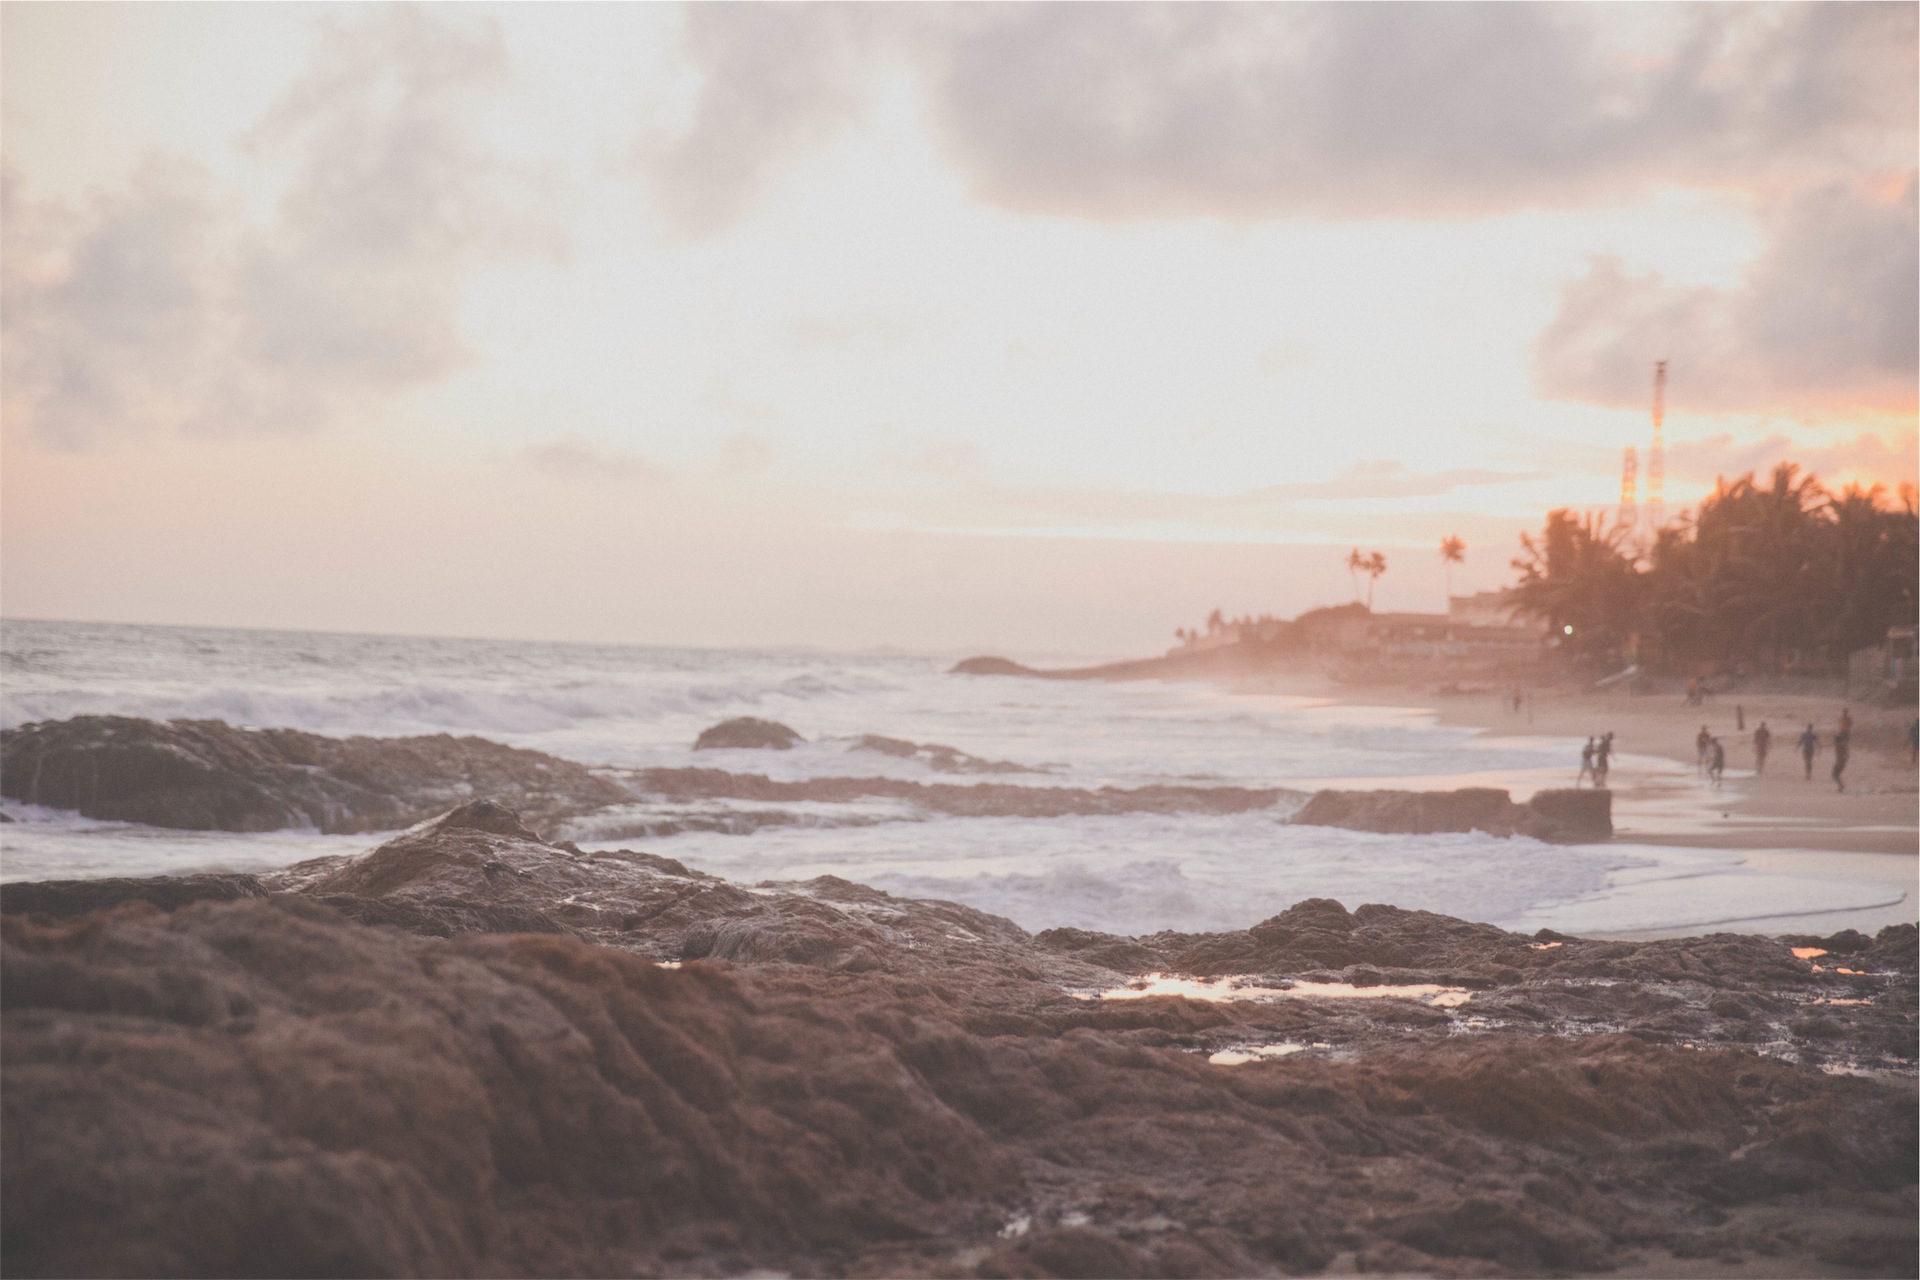 Rocas, Plage, sable, se détendre, Coucher de soleil - Fonds d'écran HD - Professor-falken.com